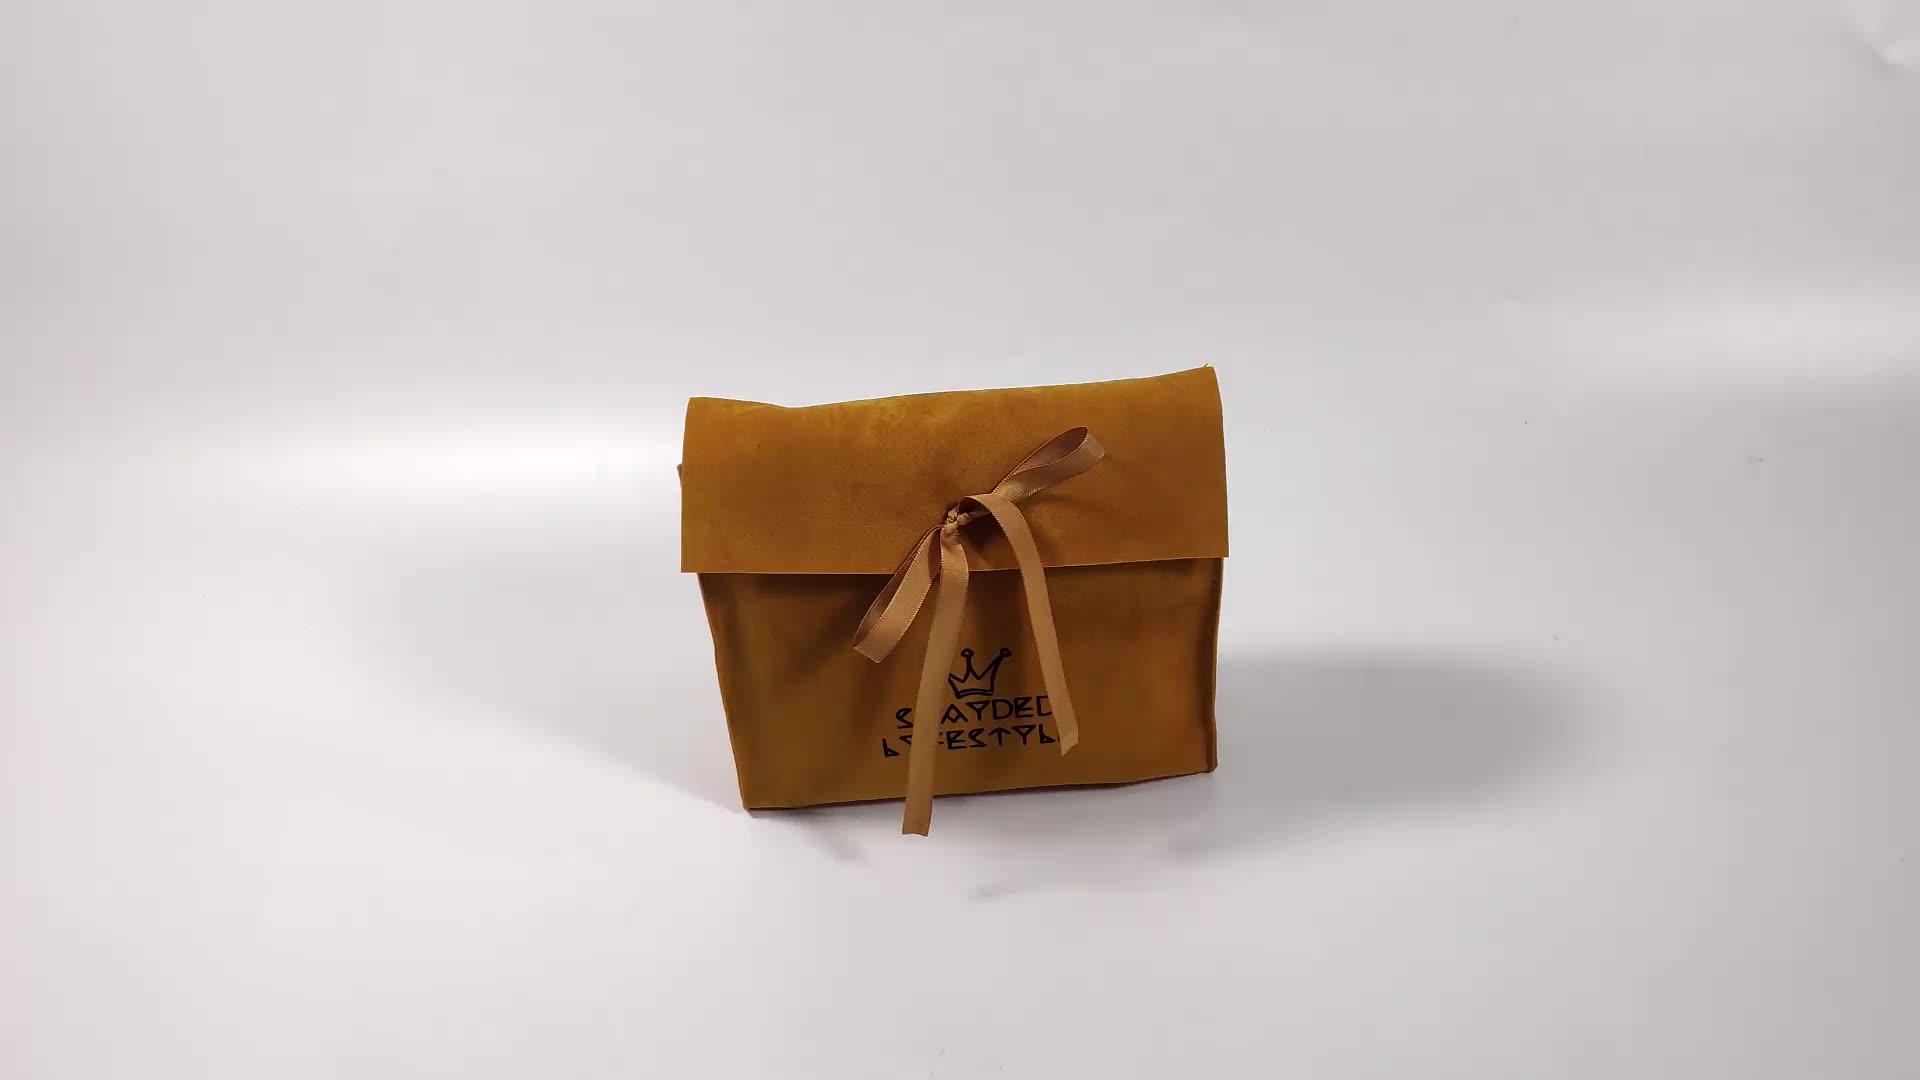 Flap kadife kurdele Kese Yüksek Kaliteli Süet Takı Süet Hediye kadife takı çantası Çanta Özel Logo takı kılıfı Özel Logo